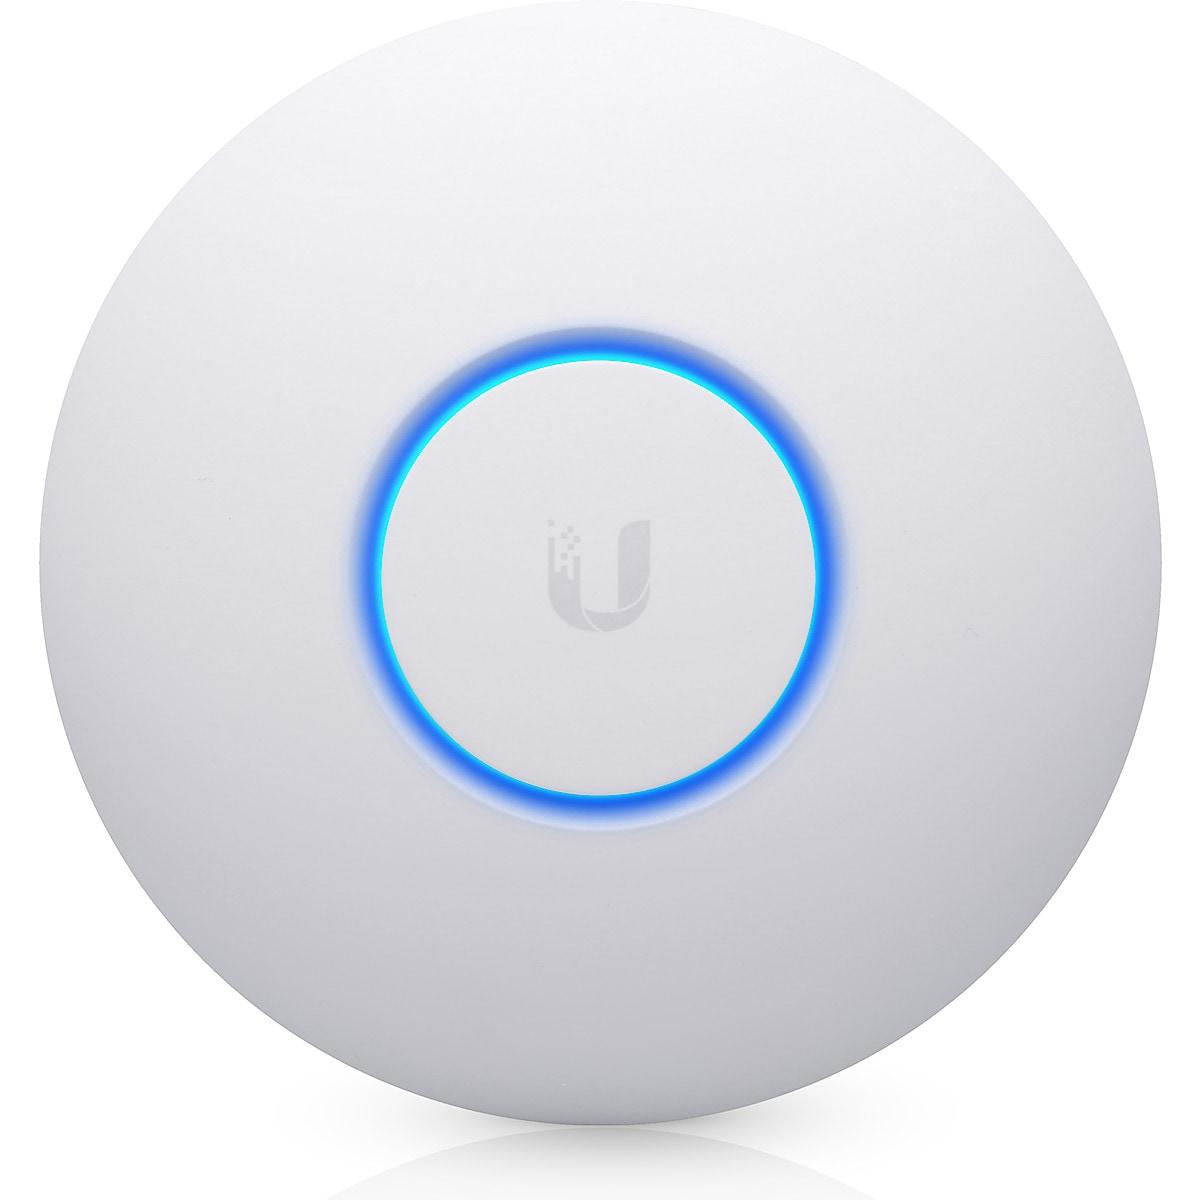 Accesspunkt AC Ubiquiti UniFi nanoHD